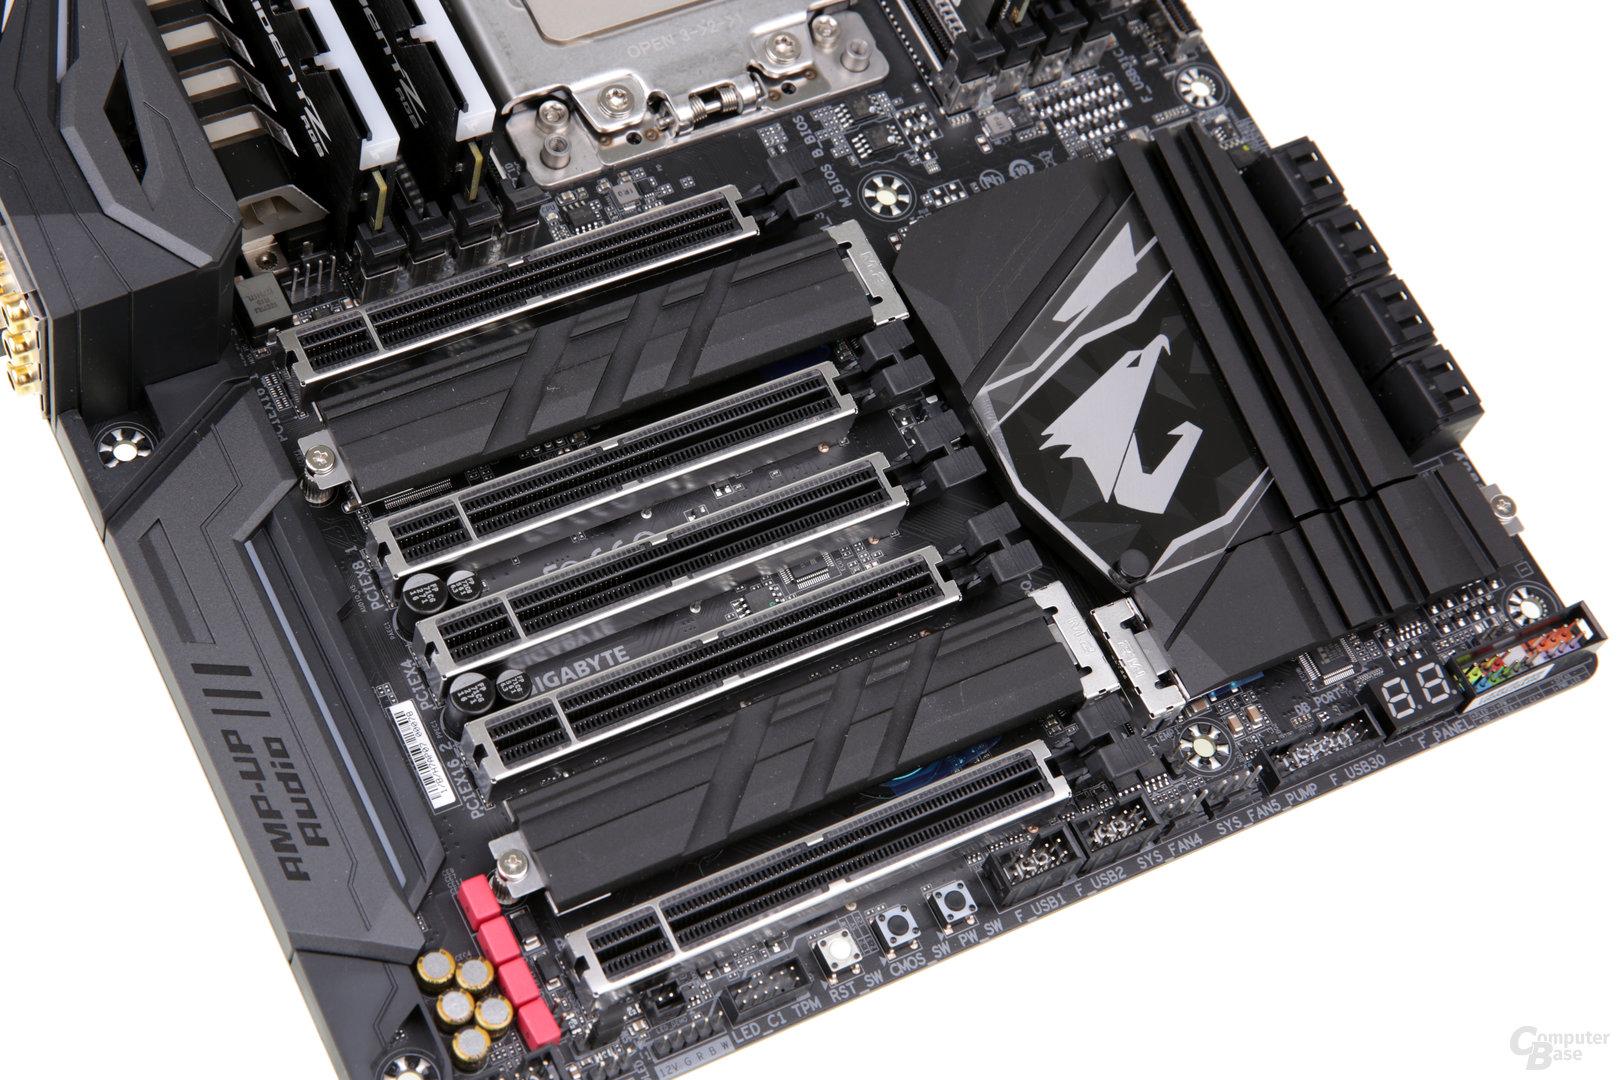 Das Gaming 7 beleuchtet PCIE x16 und bietet zwei M.2-Kühler